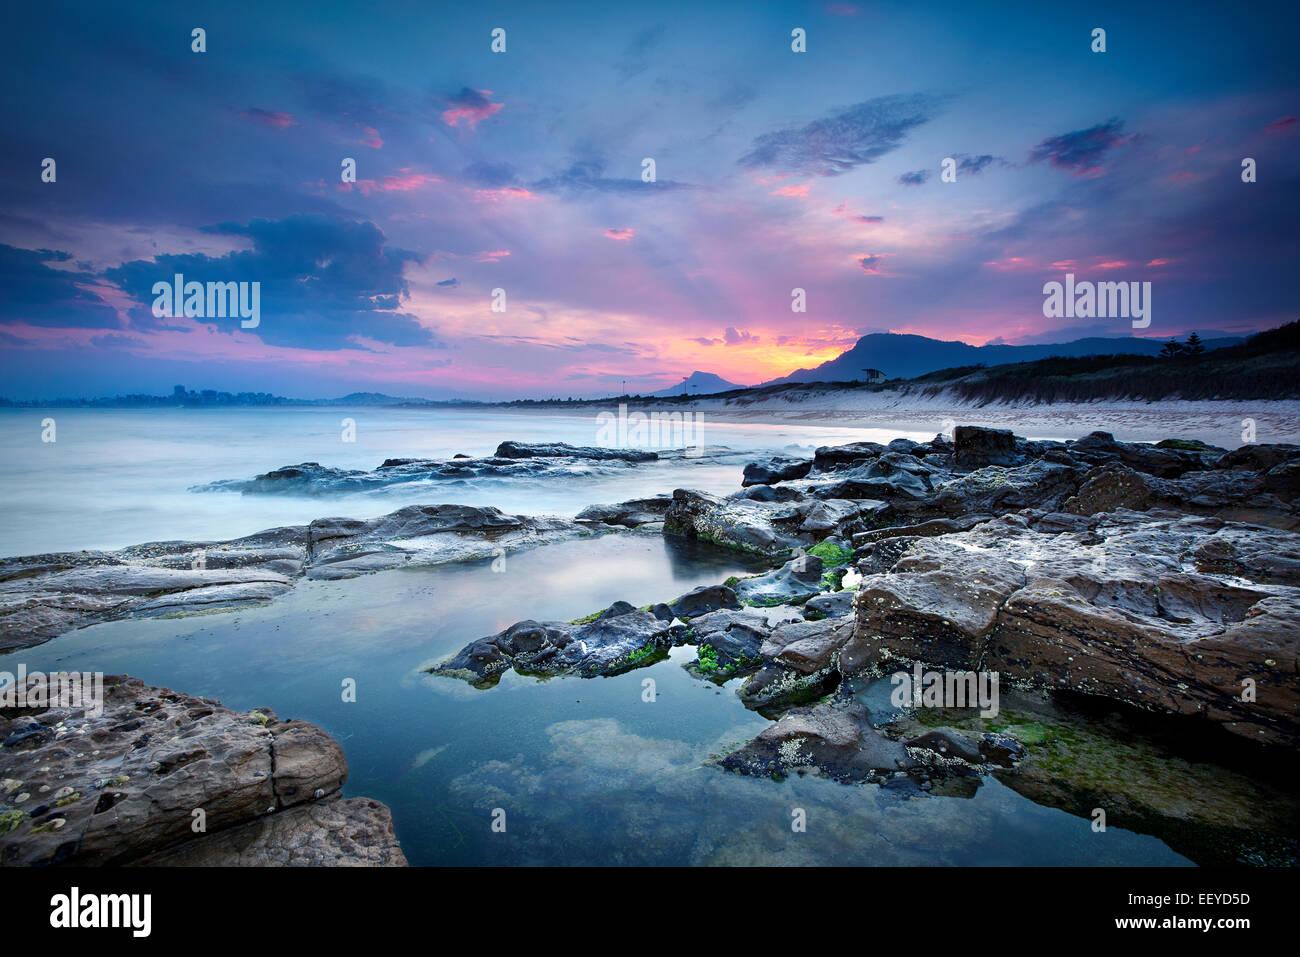 Australische Seascape Stockbild